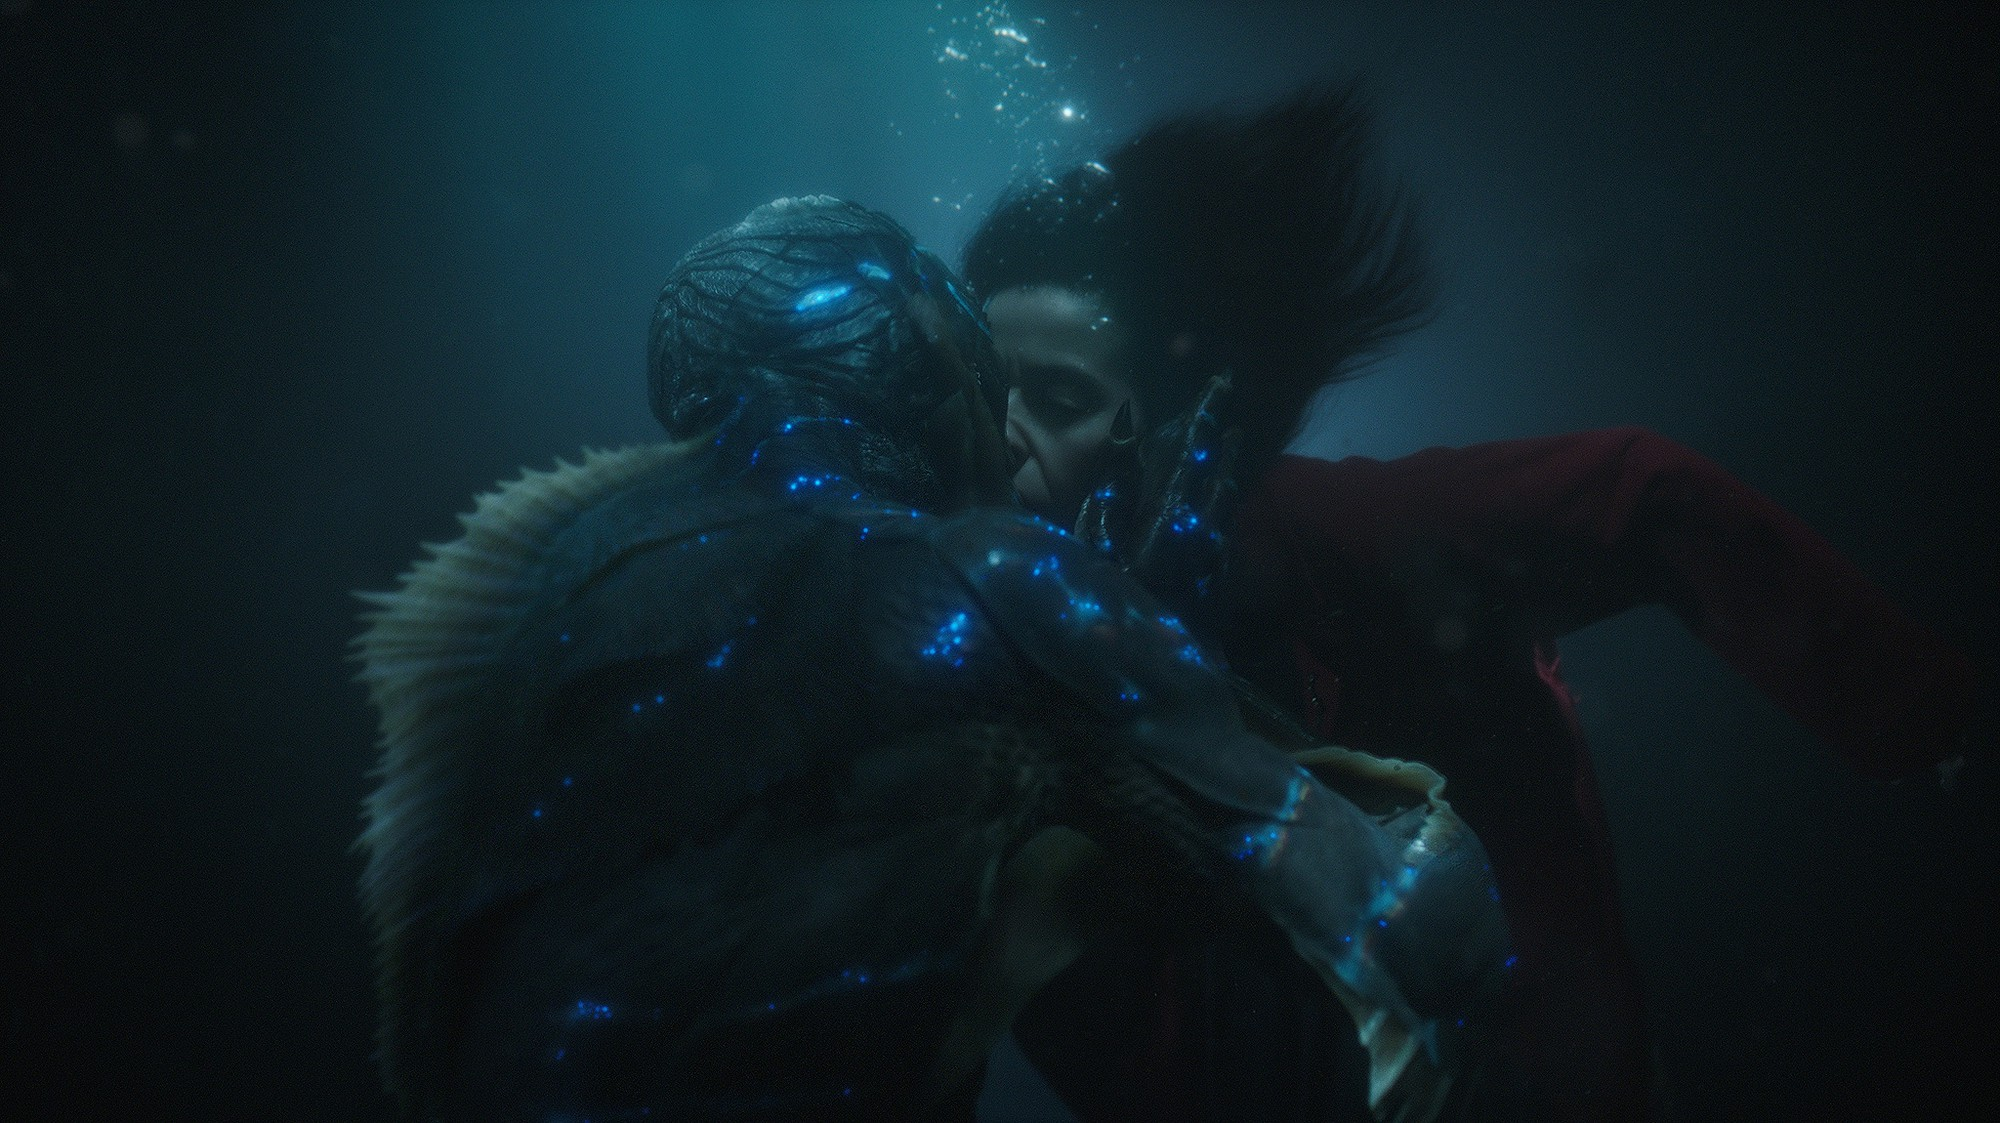 """Đằng sau mối tình """"The Shape of Water"""" là các câu chuyện thú vị chẳng kém"""